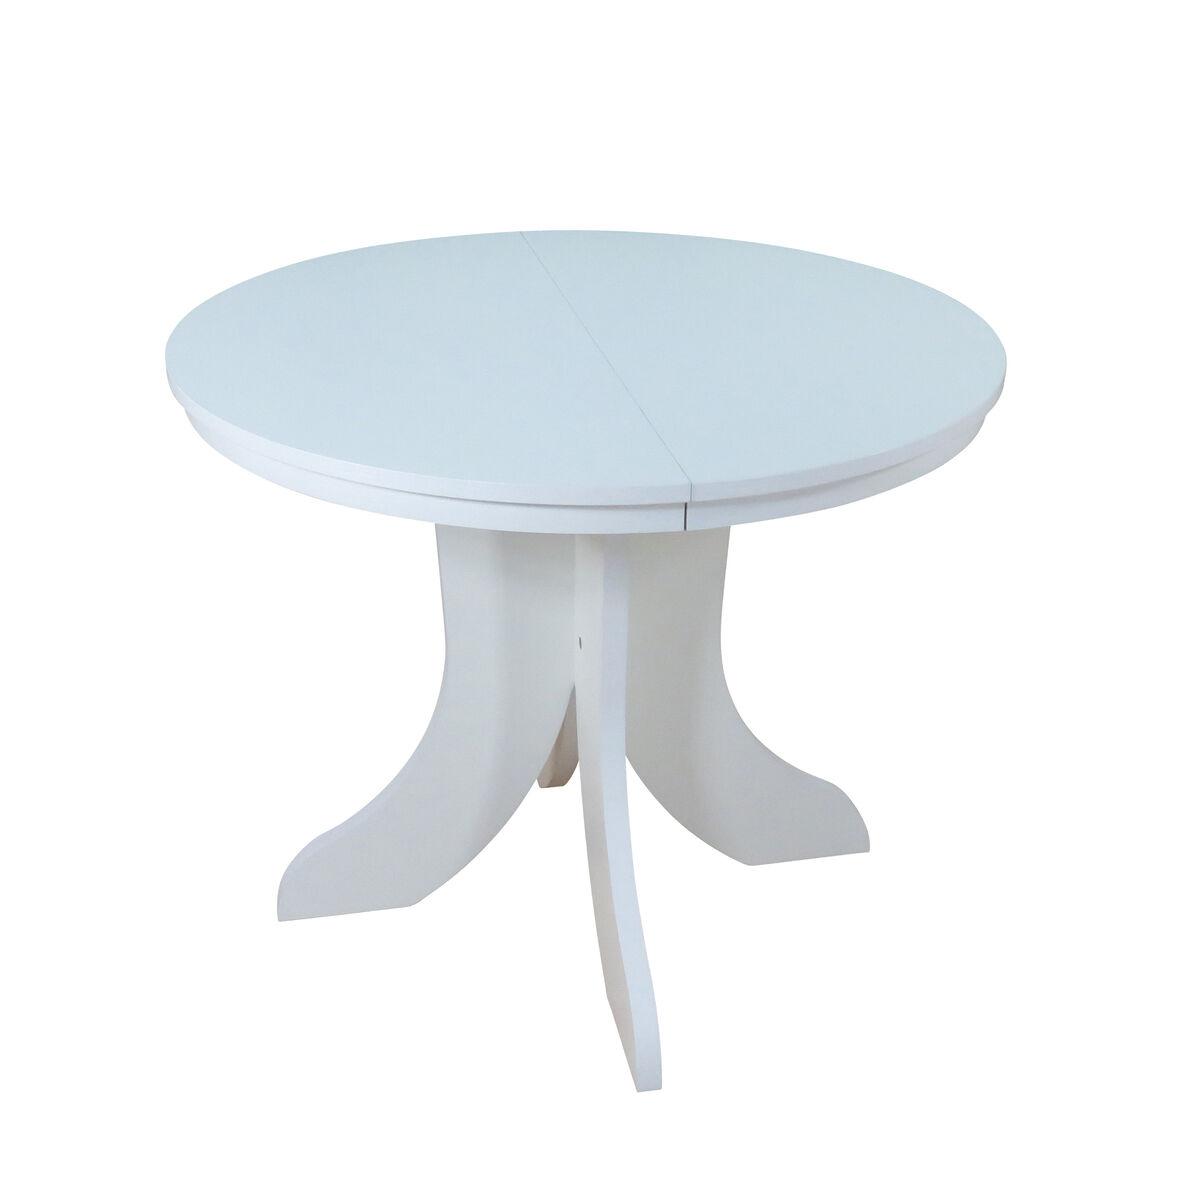 Full Size of Betten Weiß Weißes Bett Esstisch Nussbaum 140x200 Massiver Oval Mit Schubladen Holz Regal Metall Glas Betonplatte Kleiner Musterring 90x200 Stühlen Kleines Esstische Esstisch Weiß Oval